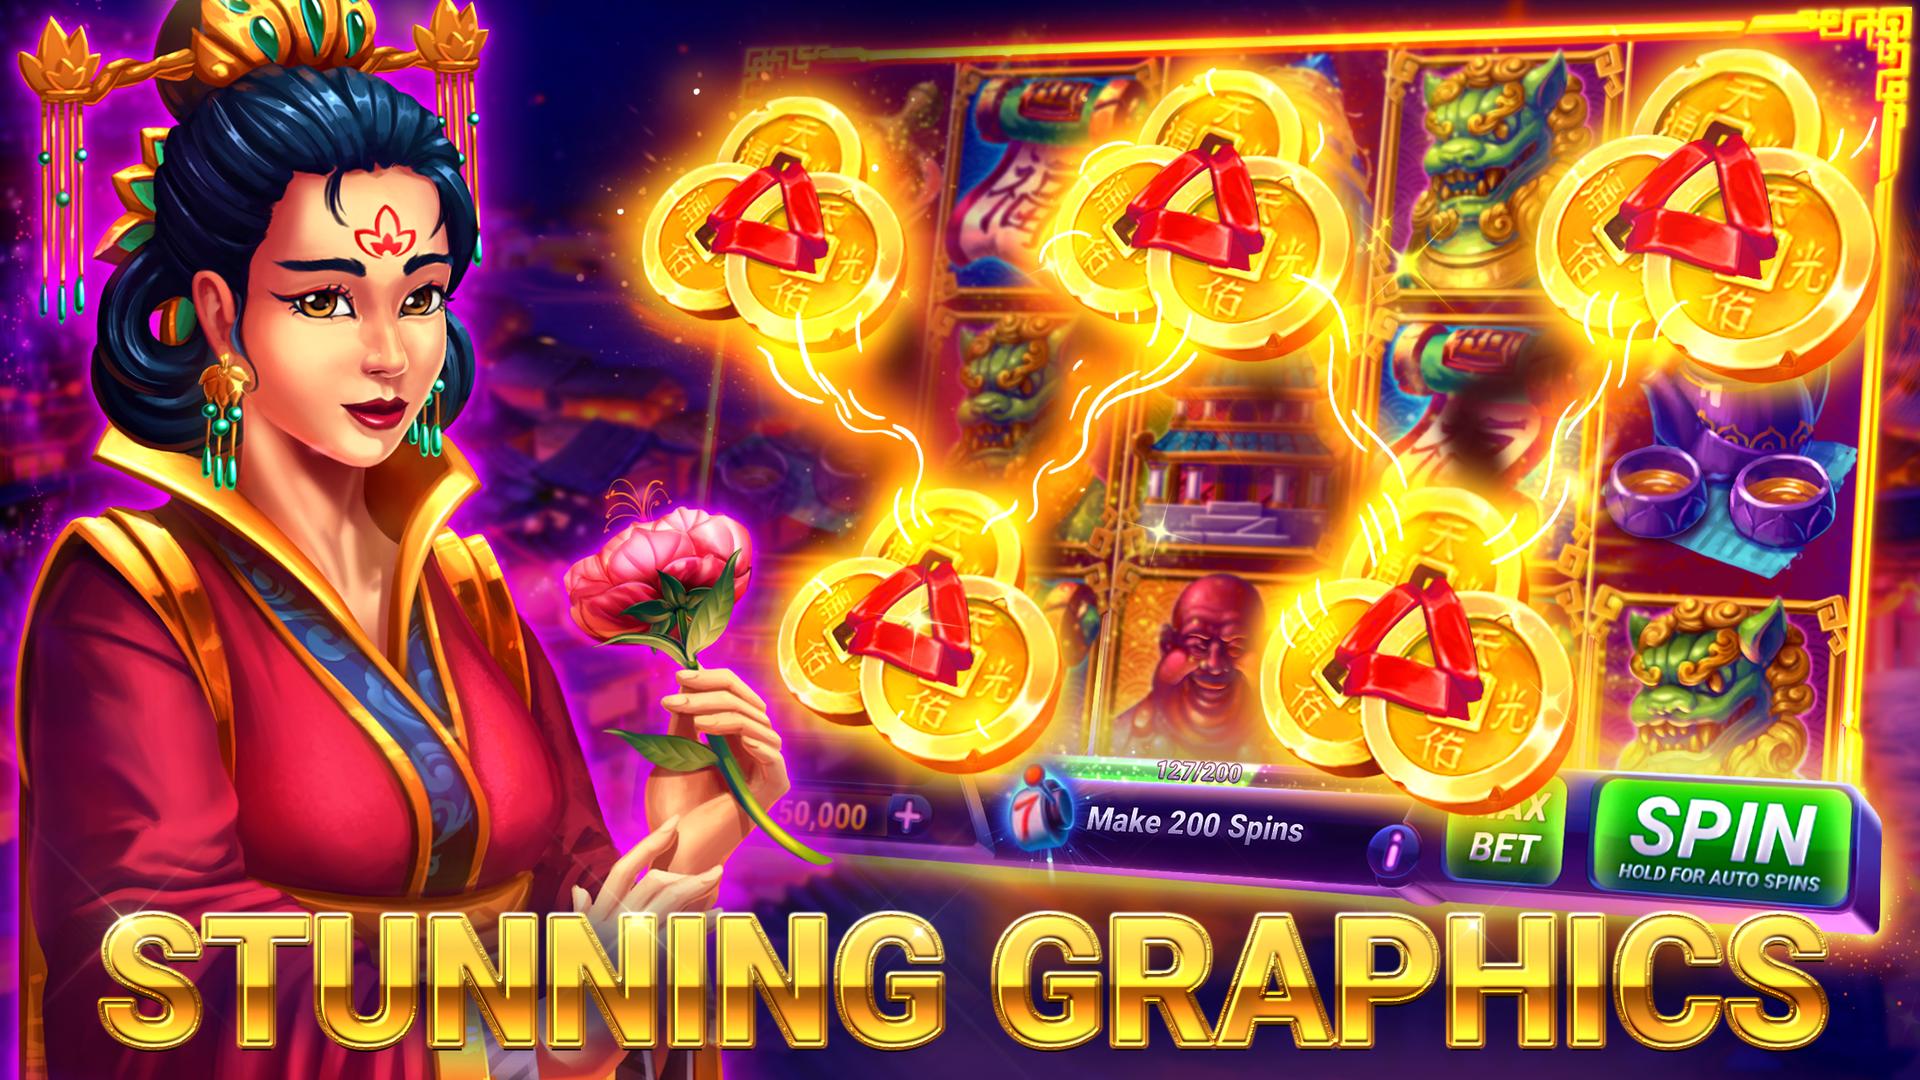 5 dragon slot machine big win